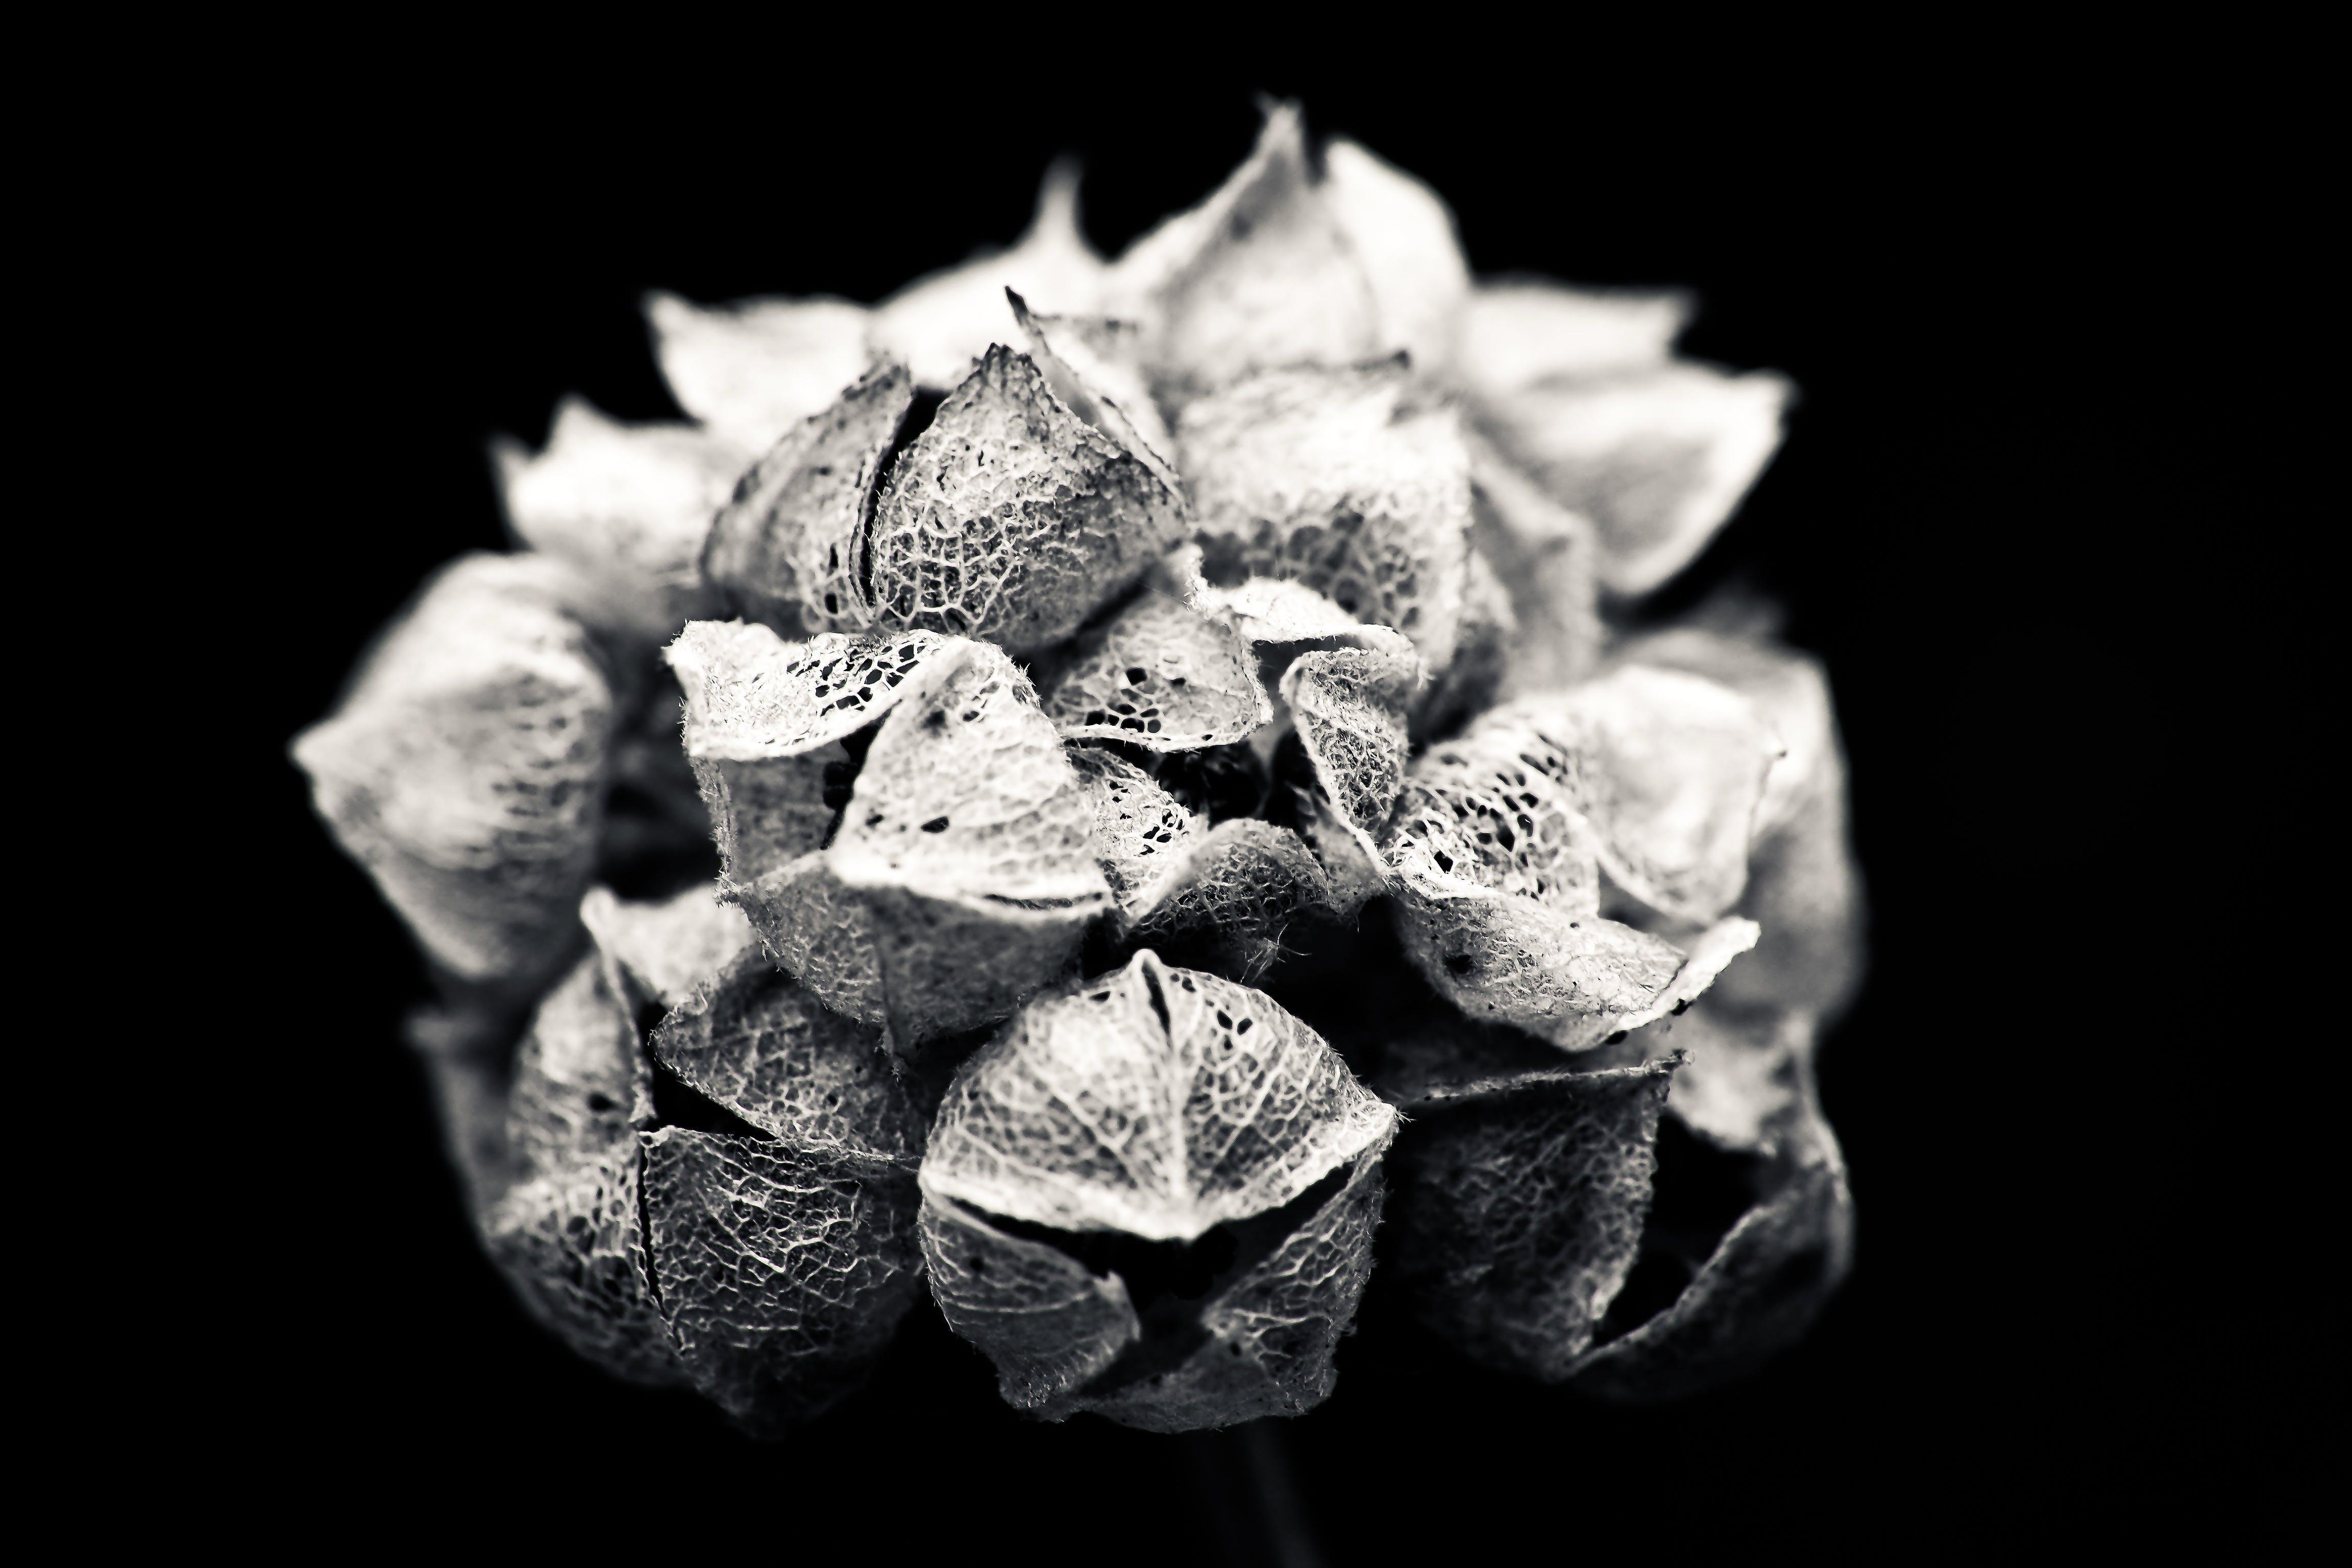 Free stock photo of black-and-white, nature, flowers, dark